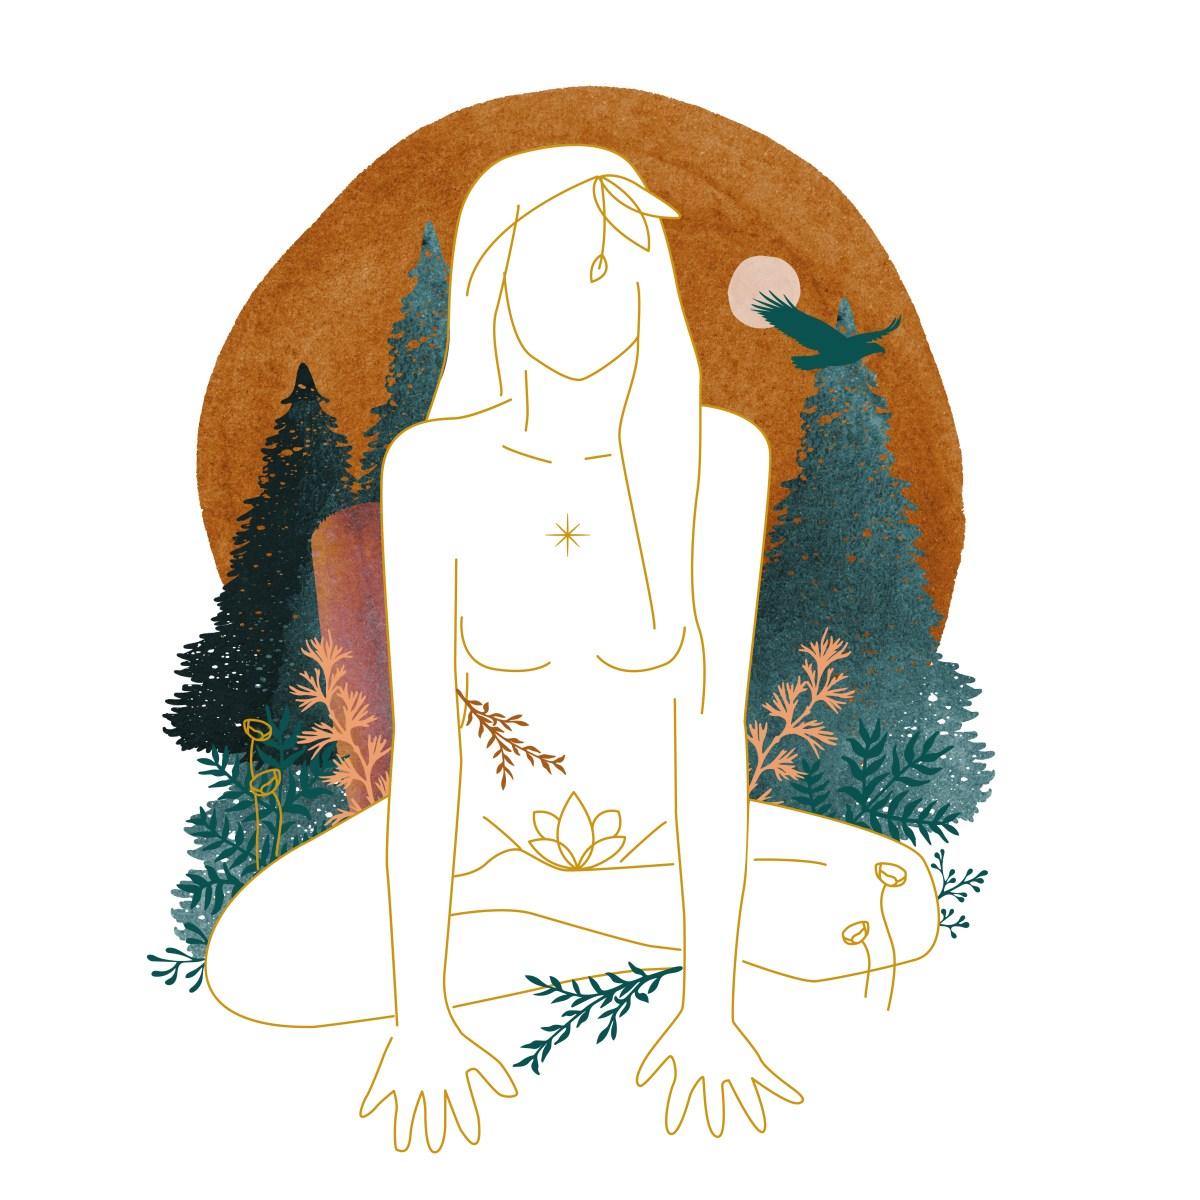 L'Ayurvéda régénère le corps et l'esprit par des soins composés d'huiles médicinales, et aide à développer une hygiène de vie en accord avec sa propre nature.